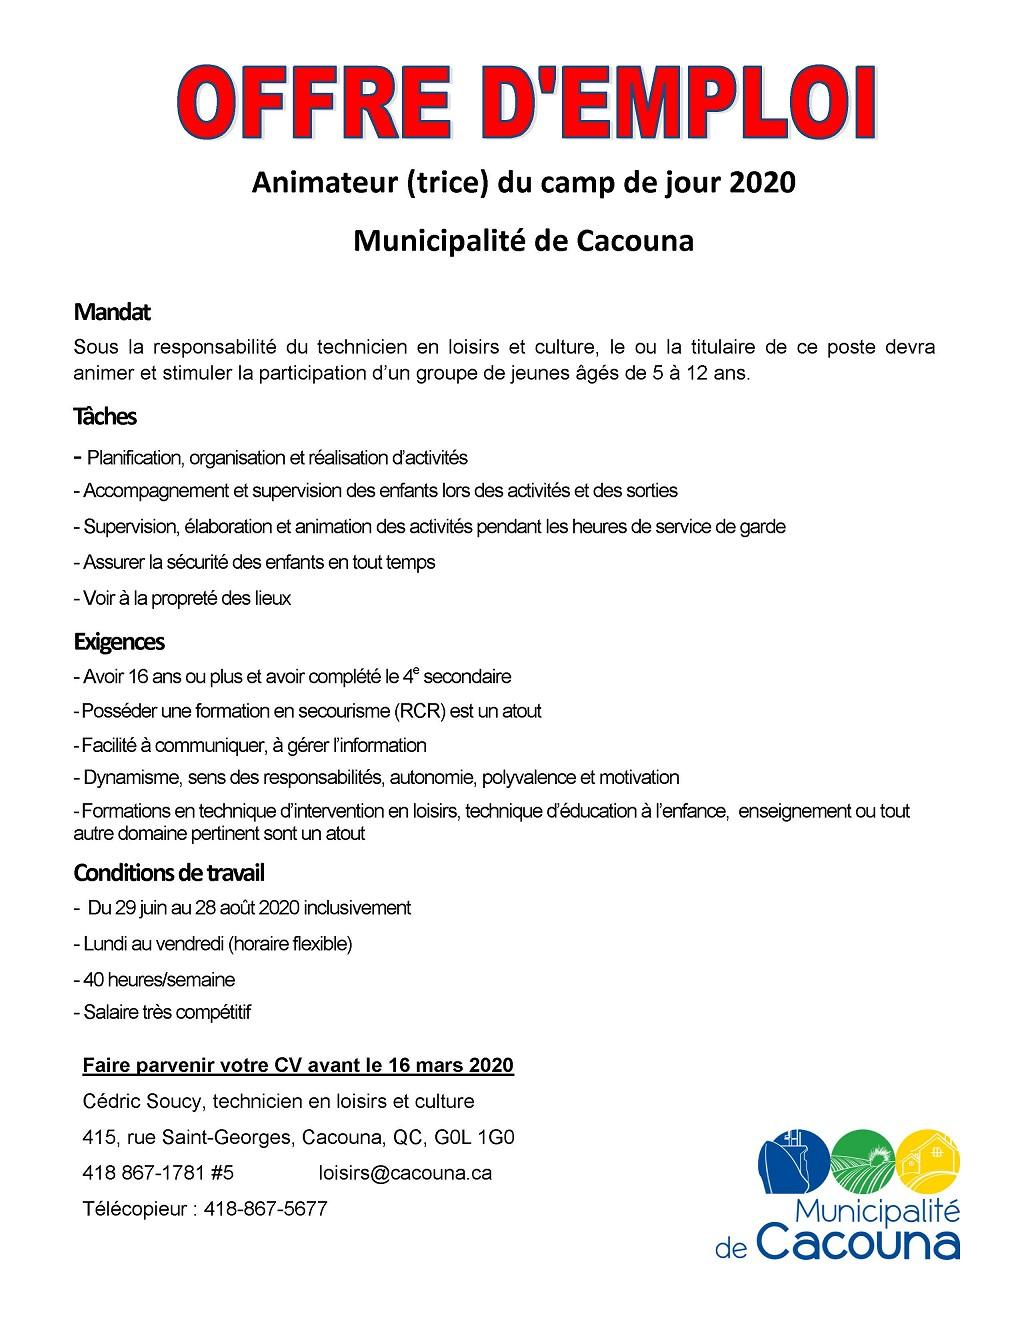 Offre d'emploi TDJ 2020 (2)